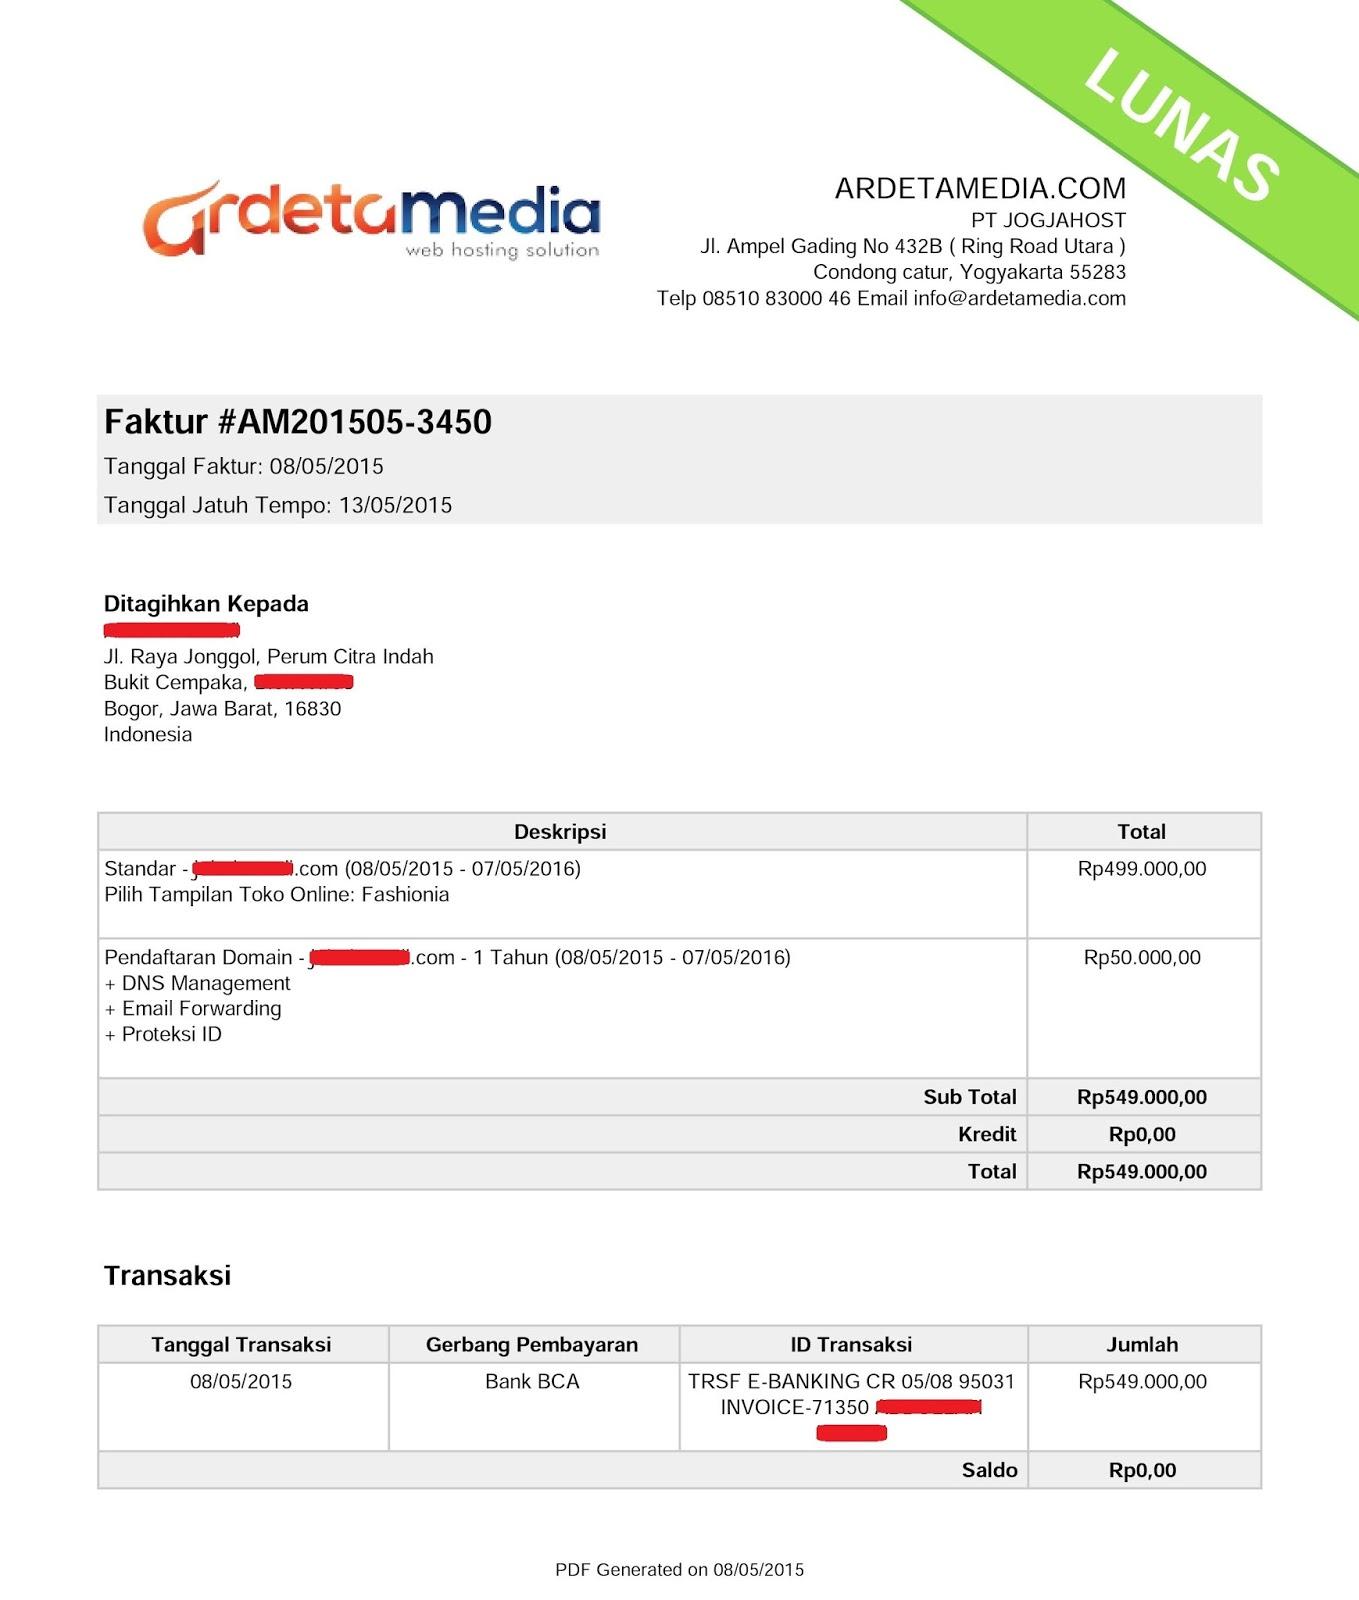 Contoh Invoice Dari Ardeta Media Pemesanan Domain Dan Toko Online